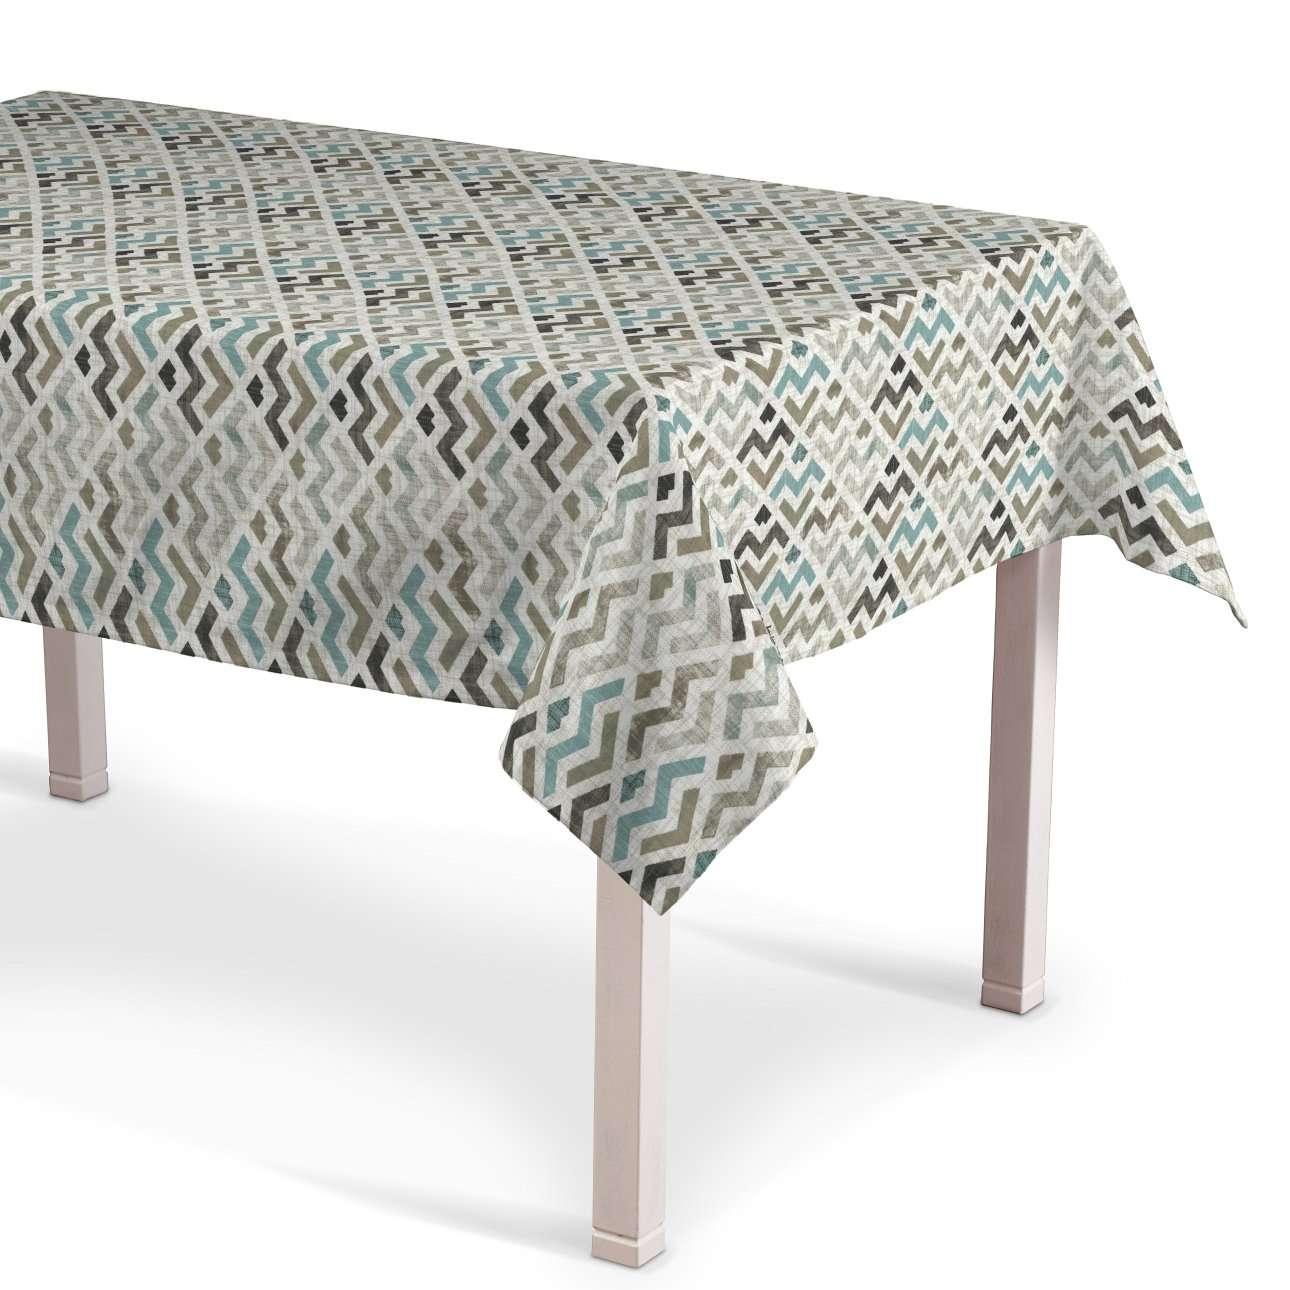 Rektangulære borddug fra kollektionen Modern, Stof: 141-93